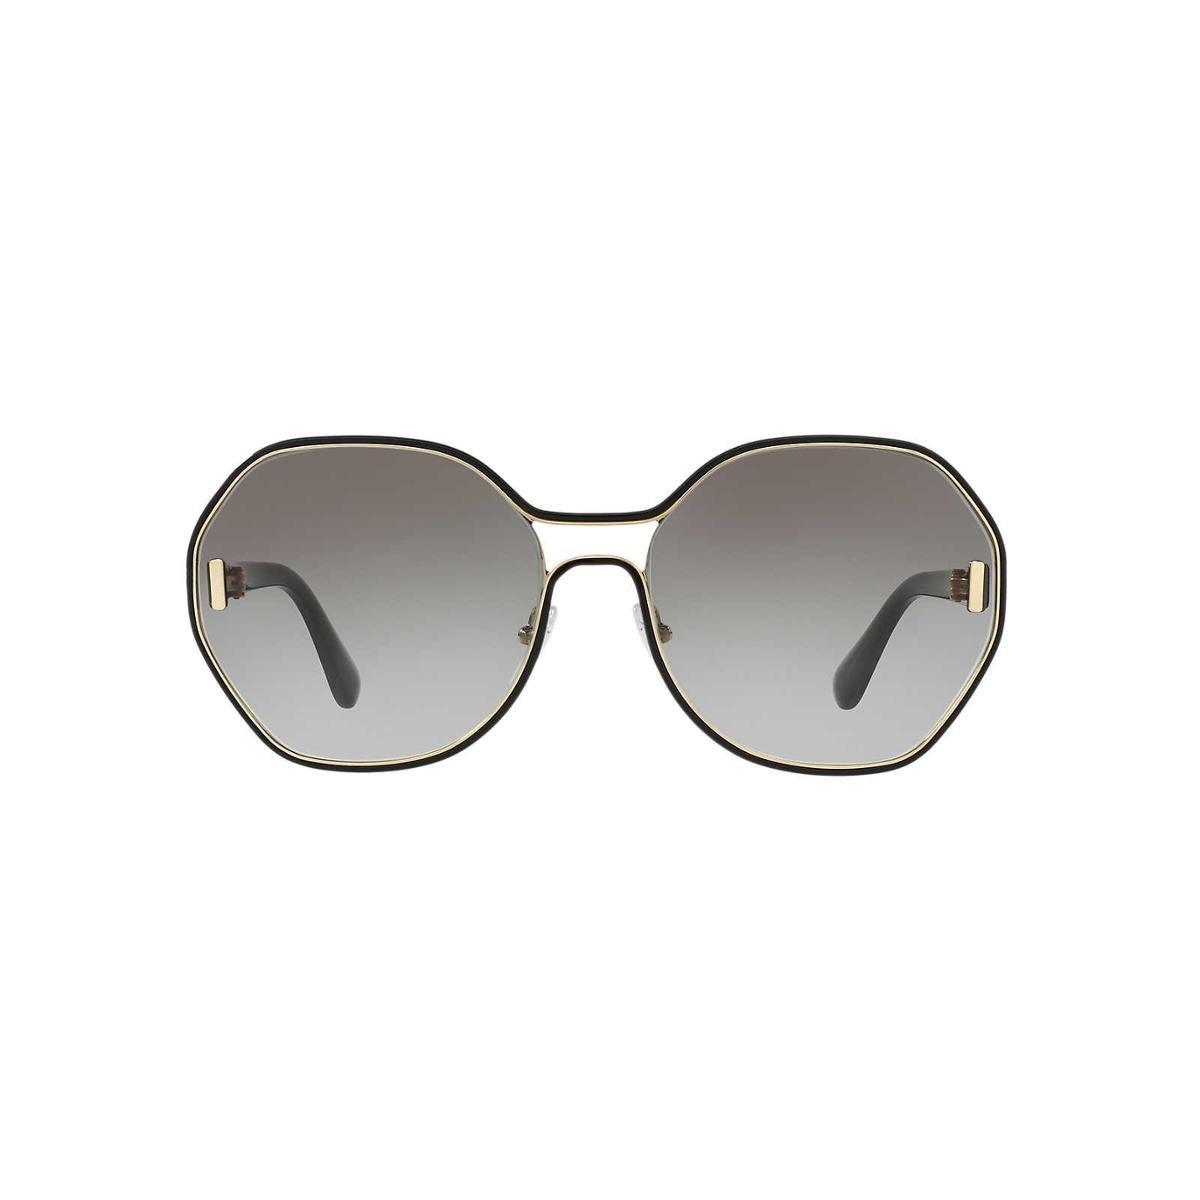 709faf8bf Óculos de Sol Prada Irregular PR 53TS Feminino | Zattini